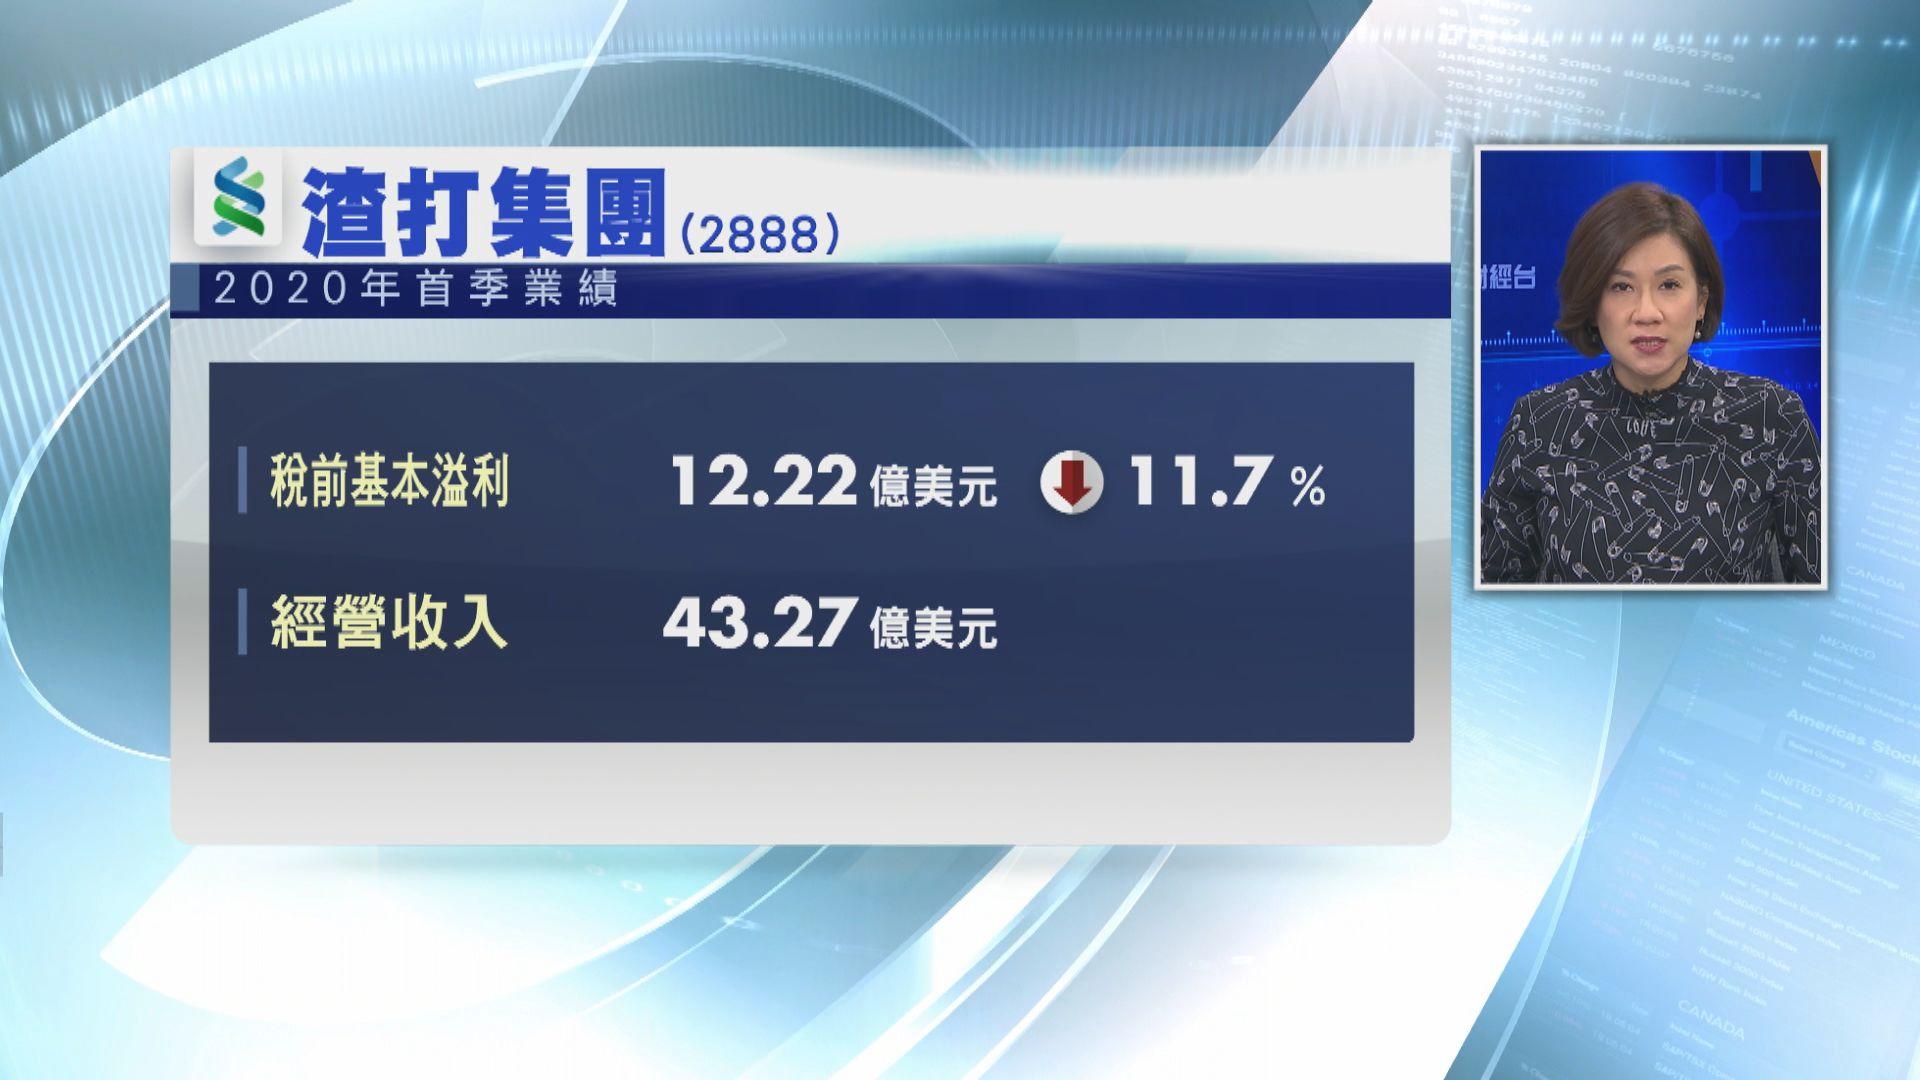 【業績速報】渣打首季除稅前基本溢利跌11% 勝預期